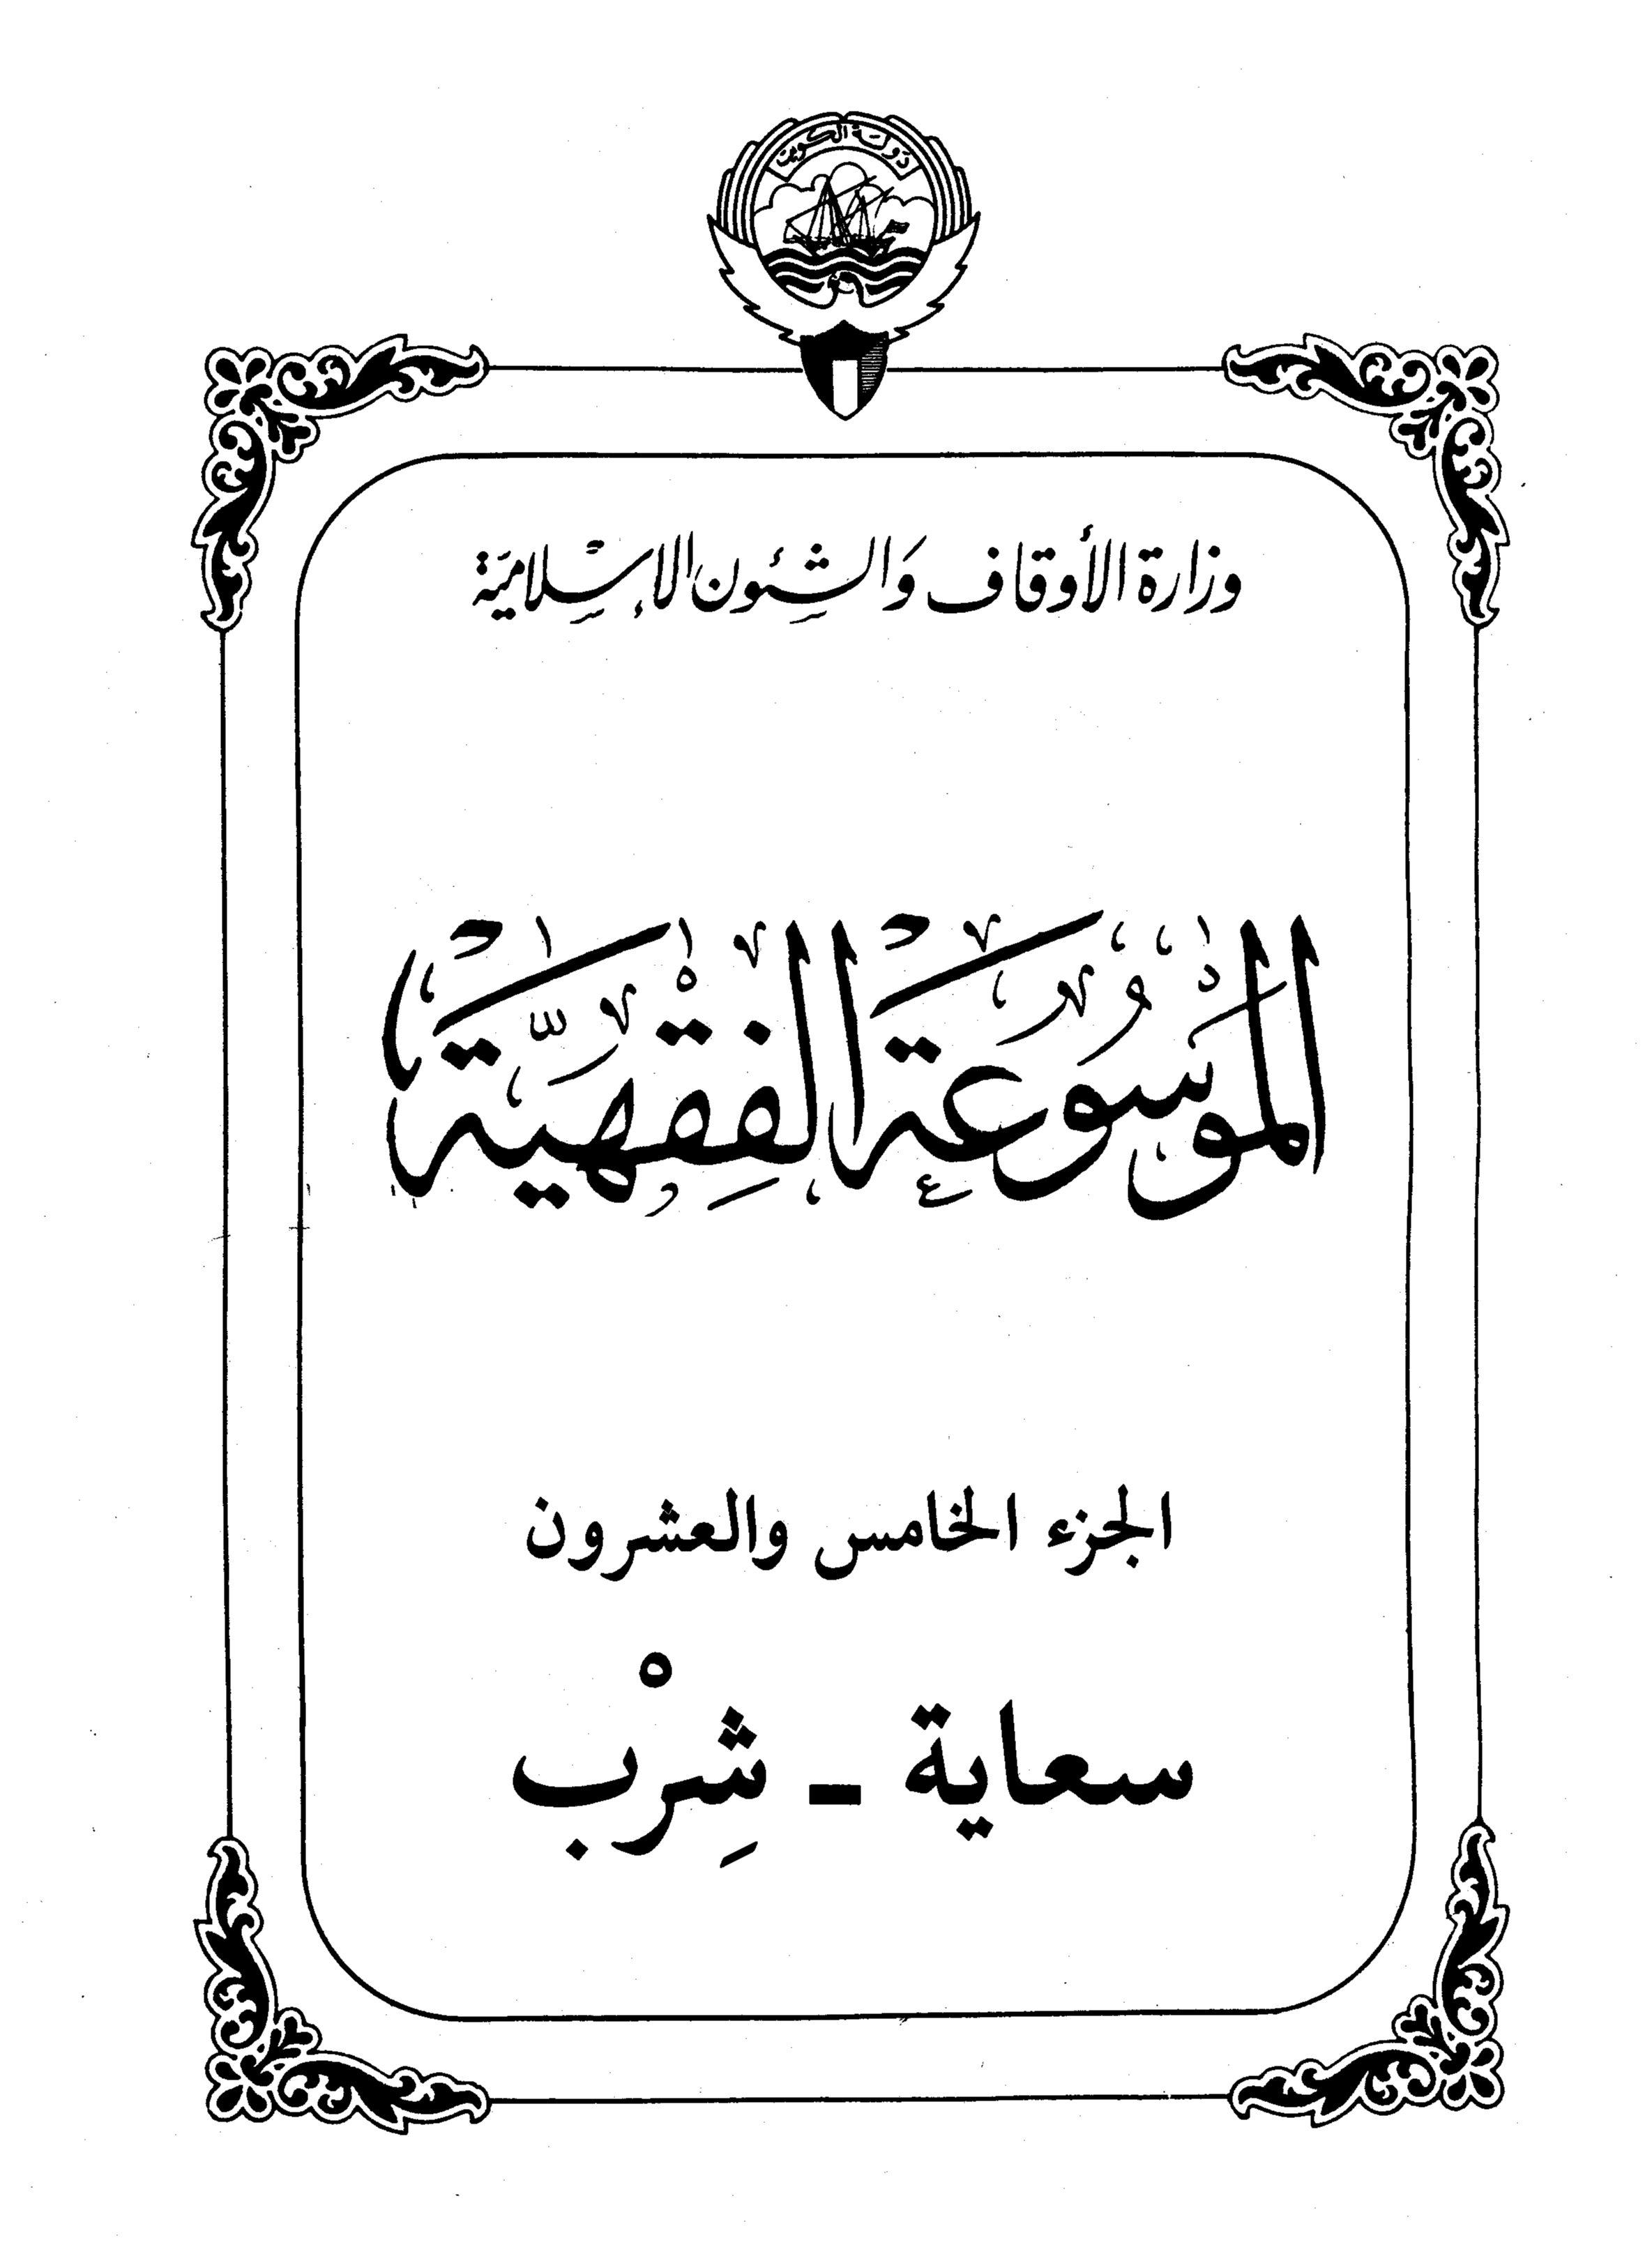 الموسوعة الفقهية الكويتية- الجزء الخامس والعشرون (سعاية - شرب)